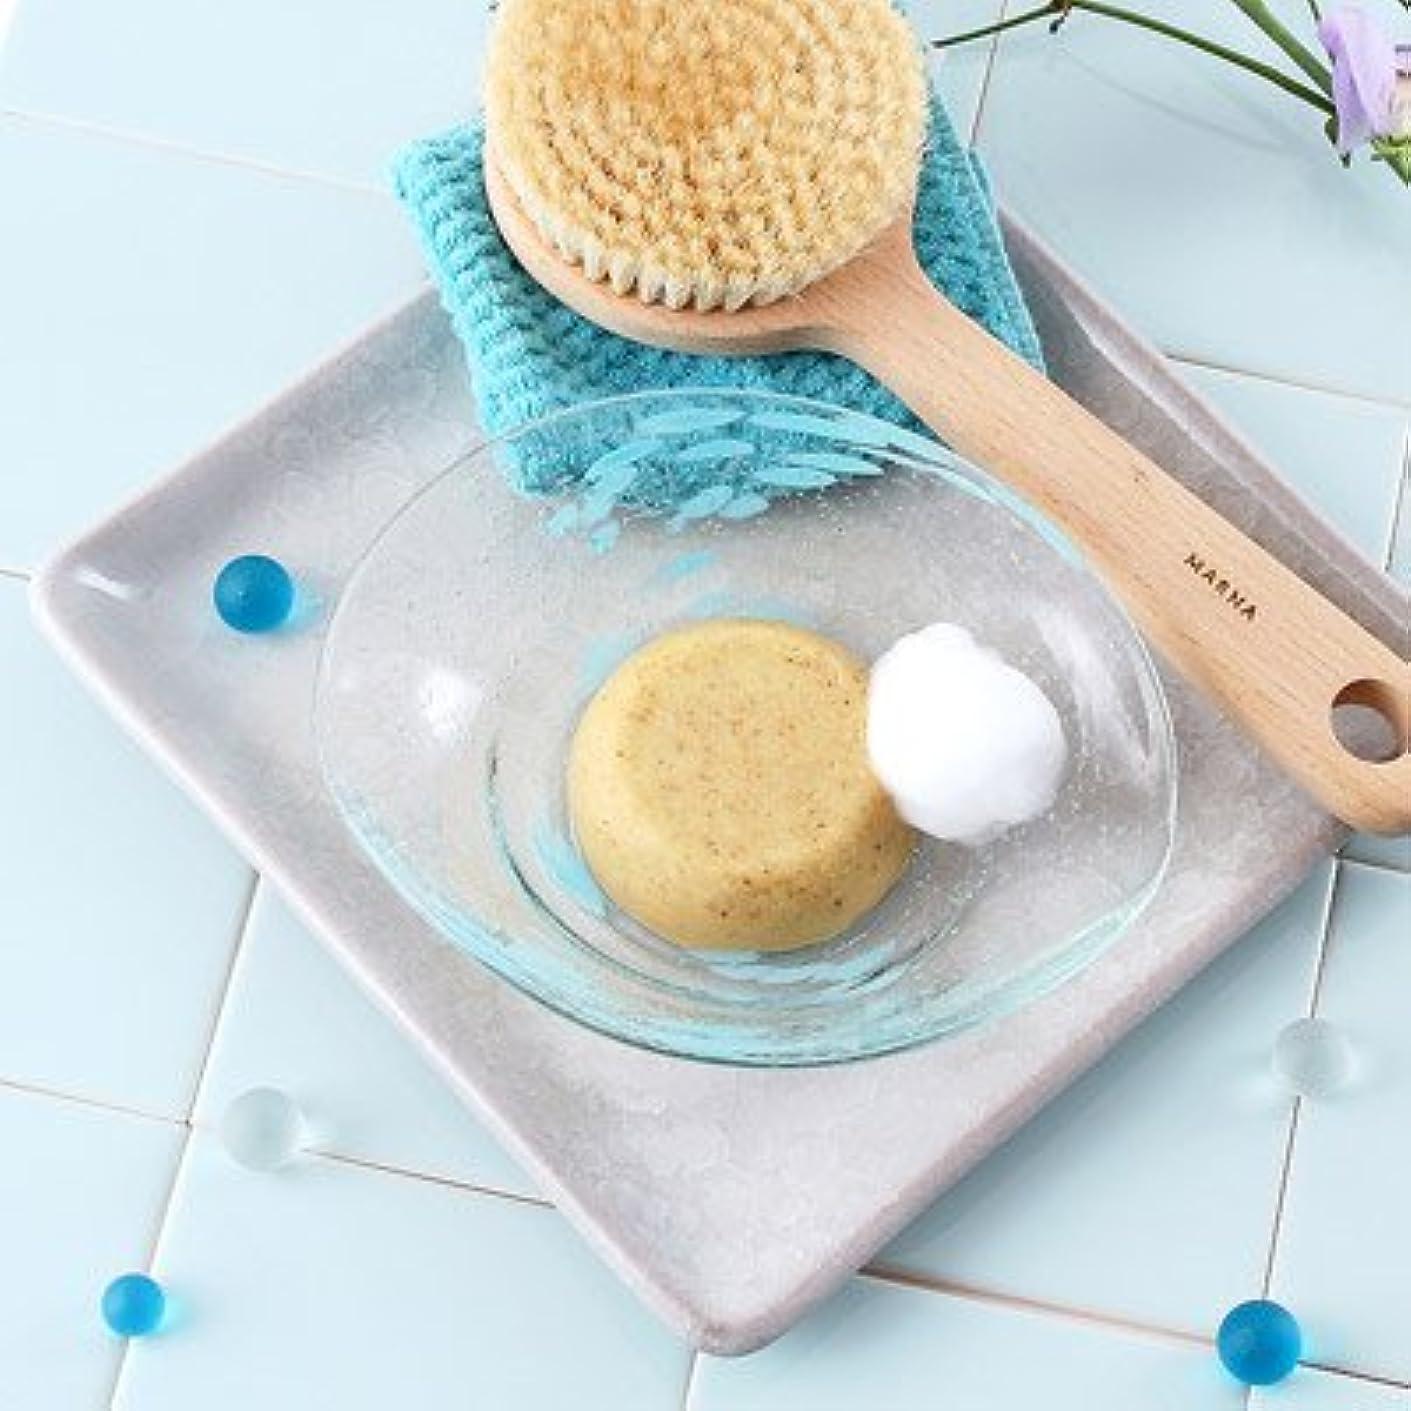 ダーツカンガルー南方のフルーツ30品や蜂蜜で作られた石鹸 38プレミアム